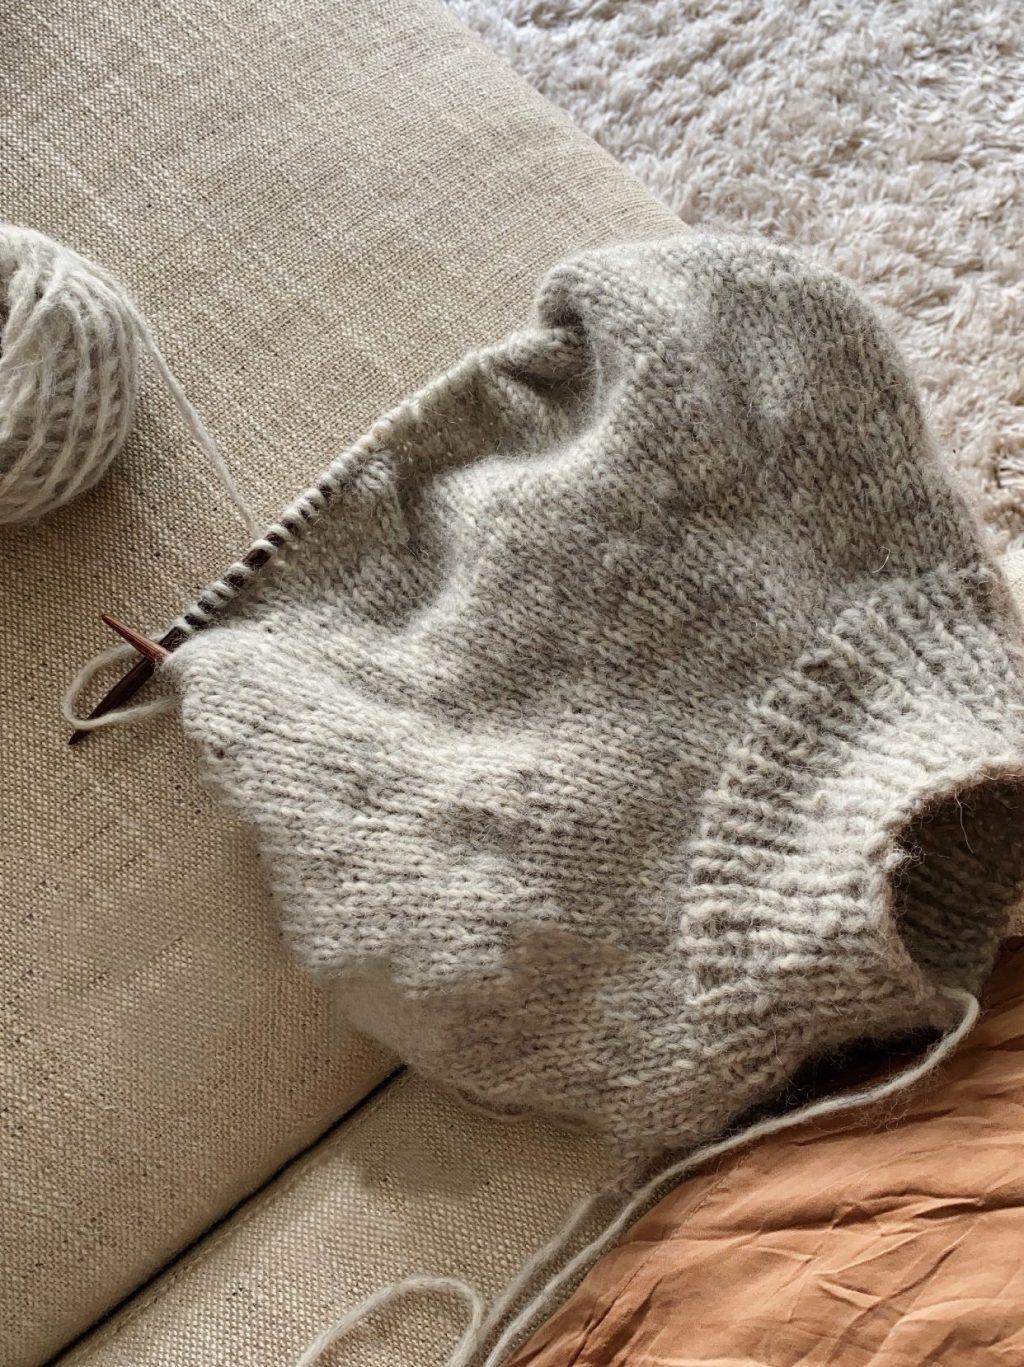 strikketøj i sofa